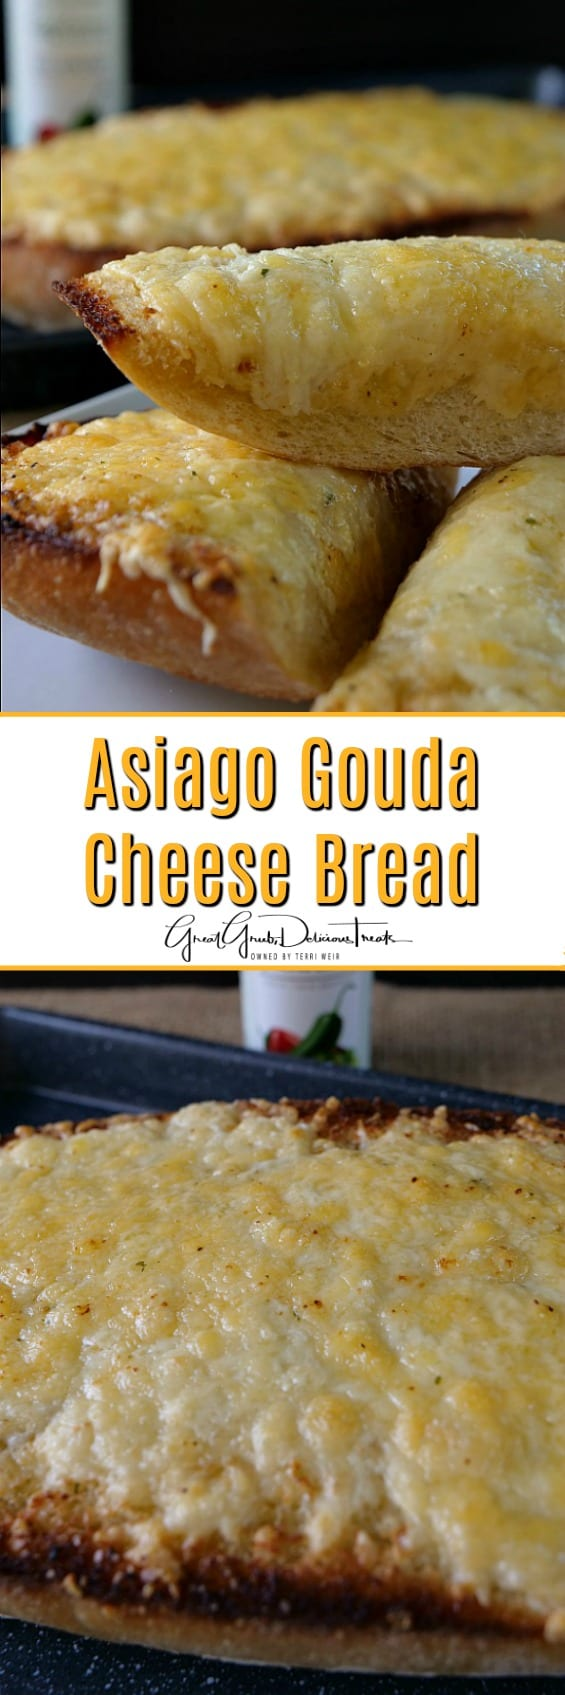 Asiago Gouda Cheese Bread